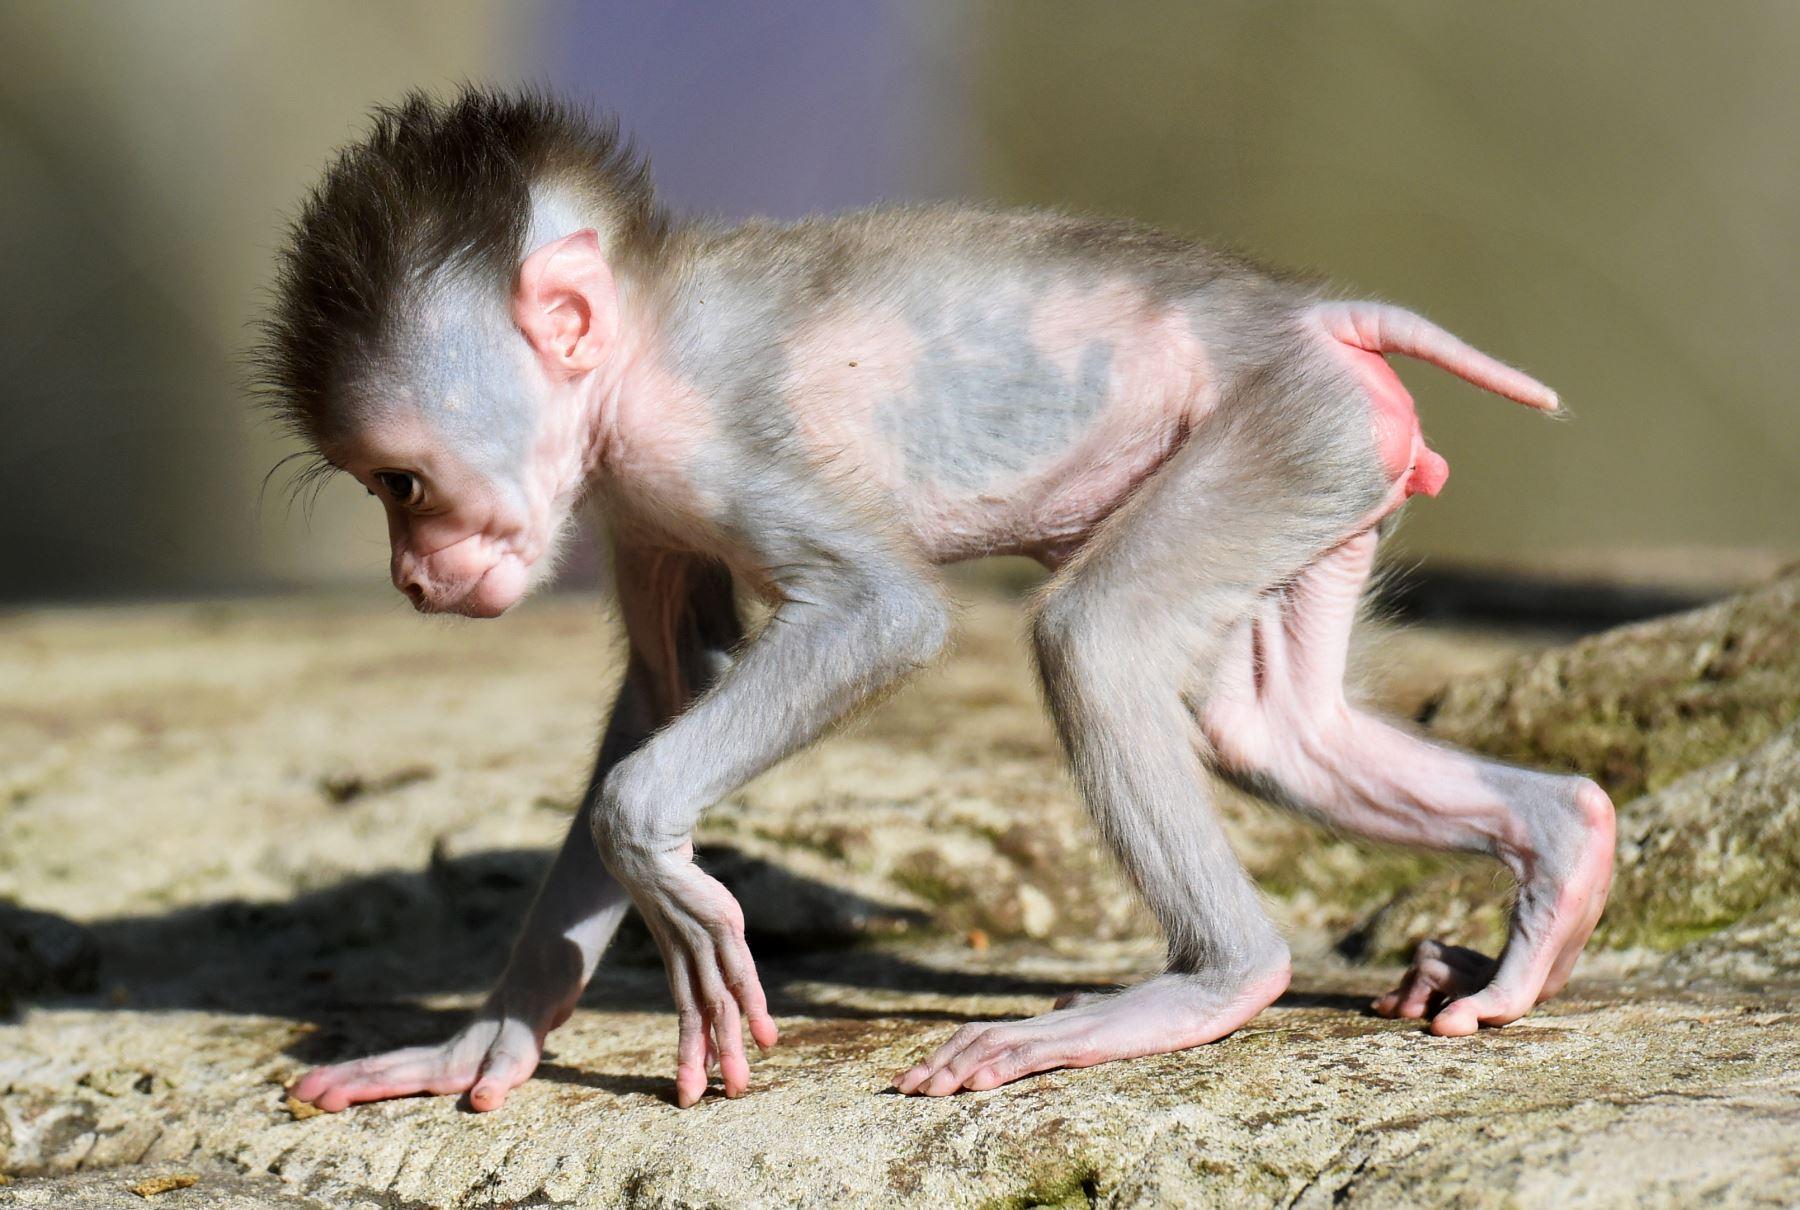 Shari, una joven primate de tres semanas camina en el recinto exterior del zoológico Hellabrunn en Munich, Alemania.  Los monos taladrados se encuentran entre las especies de primates más amenazadas del mundo. El padre de Shari es Bakut, jefe de Hellabrunn Drill Group. Foto: AFP